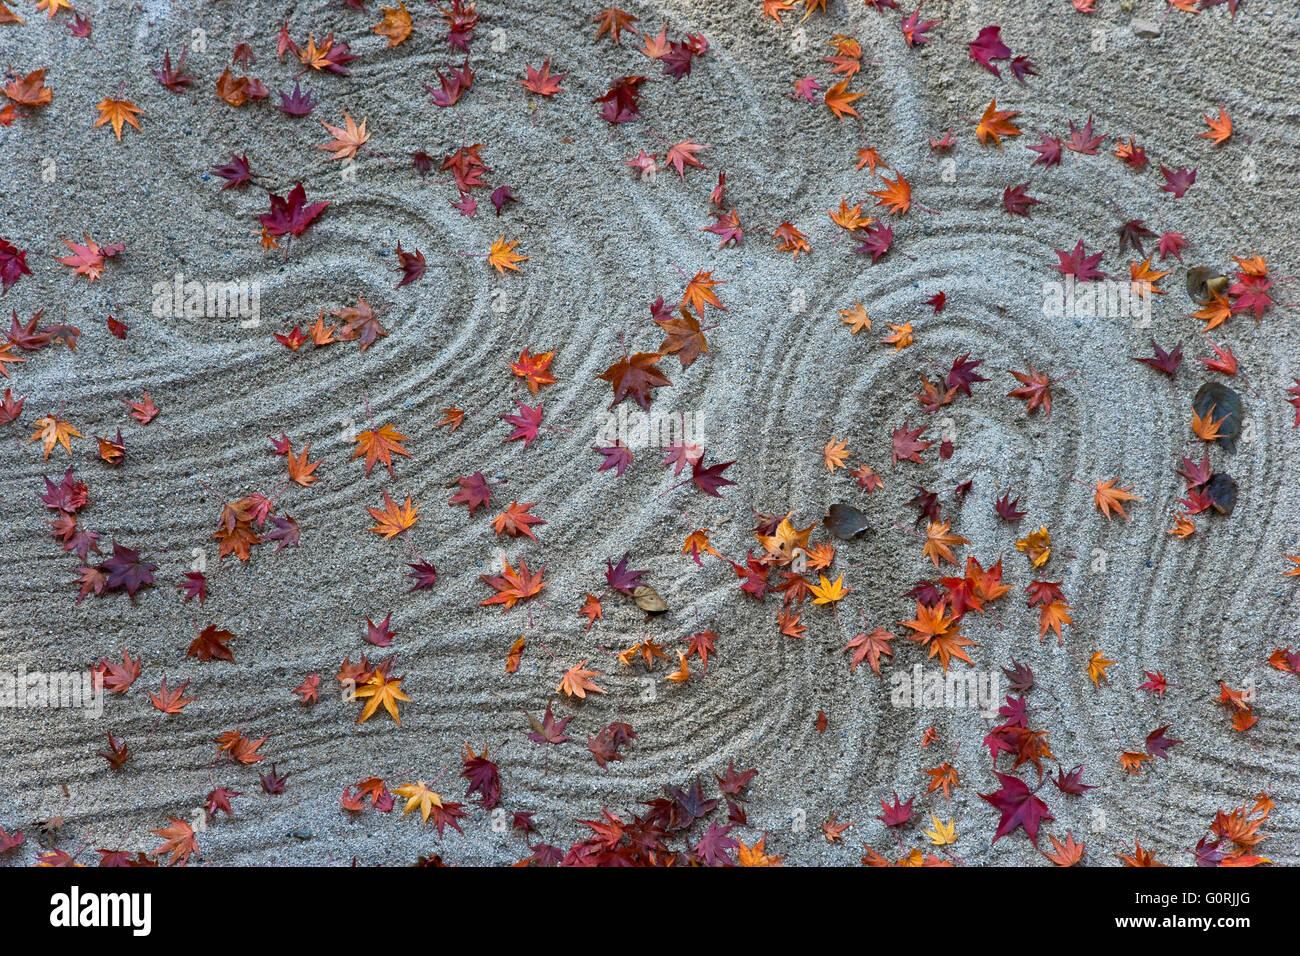 Early morning sunlight illuminates the Zen garden of raked white sand sprinkled with fallen autumn leaves, at Hosen - Stock Image